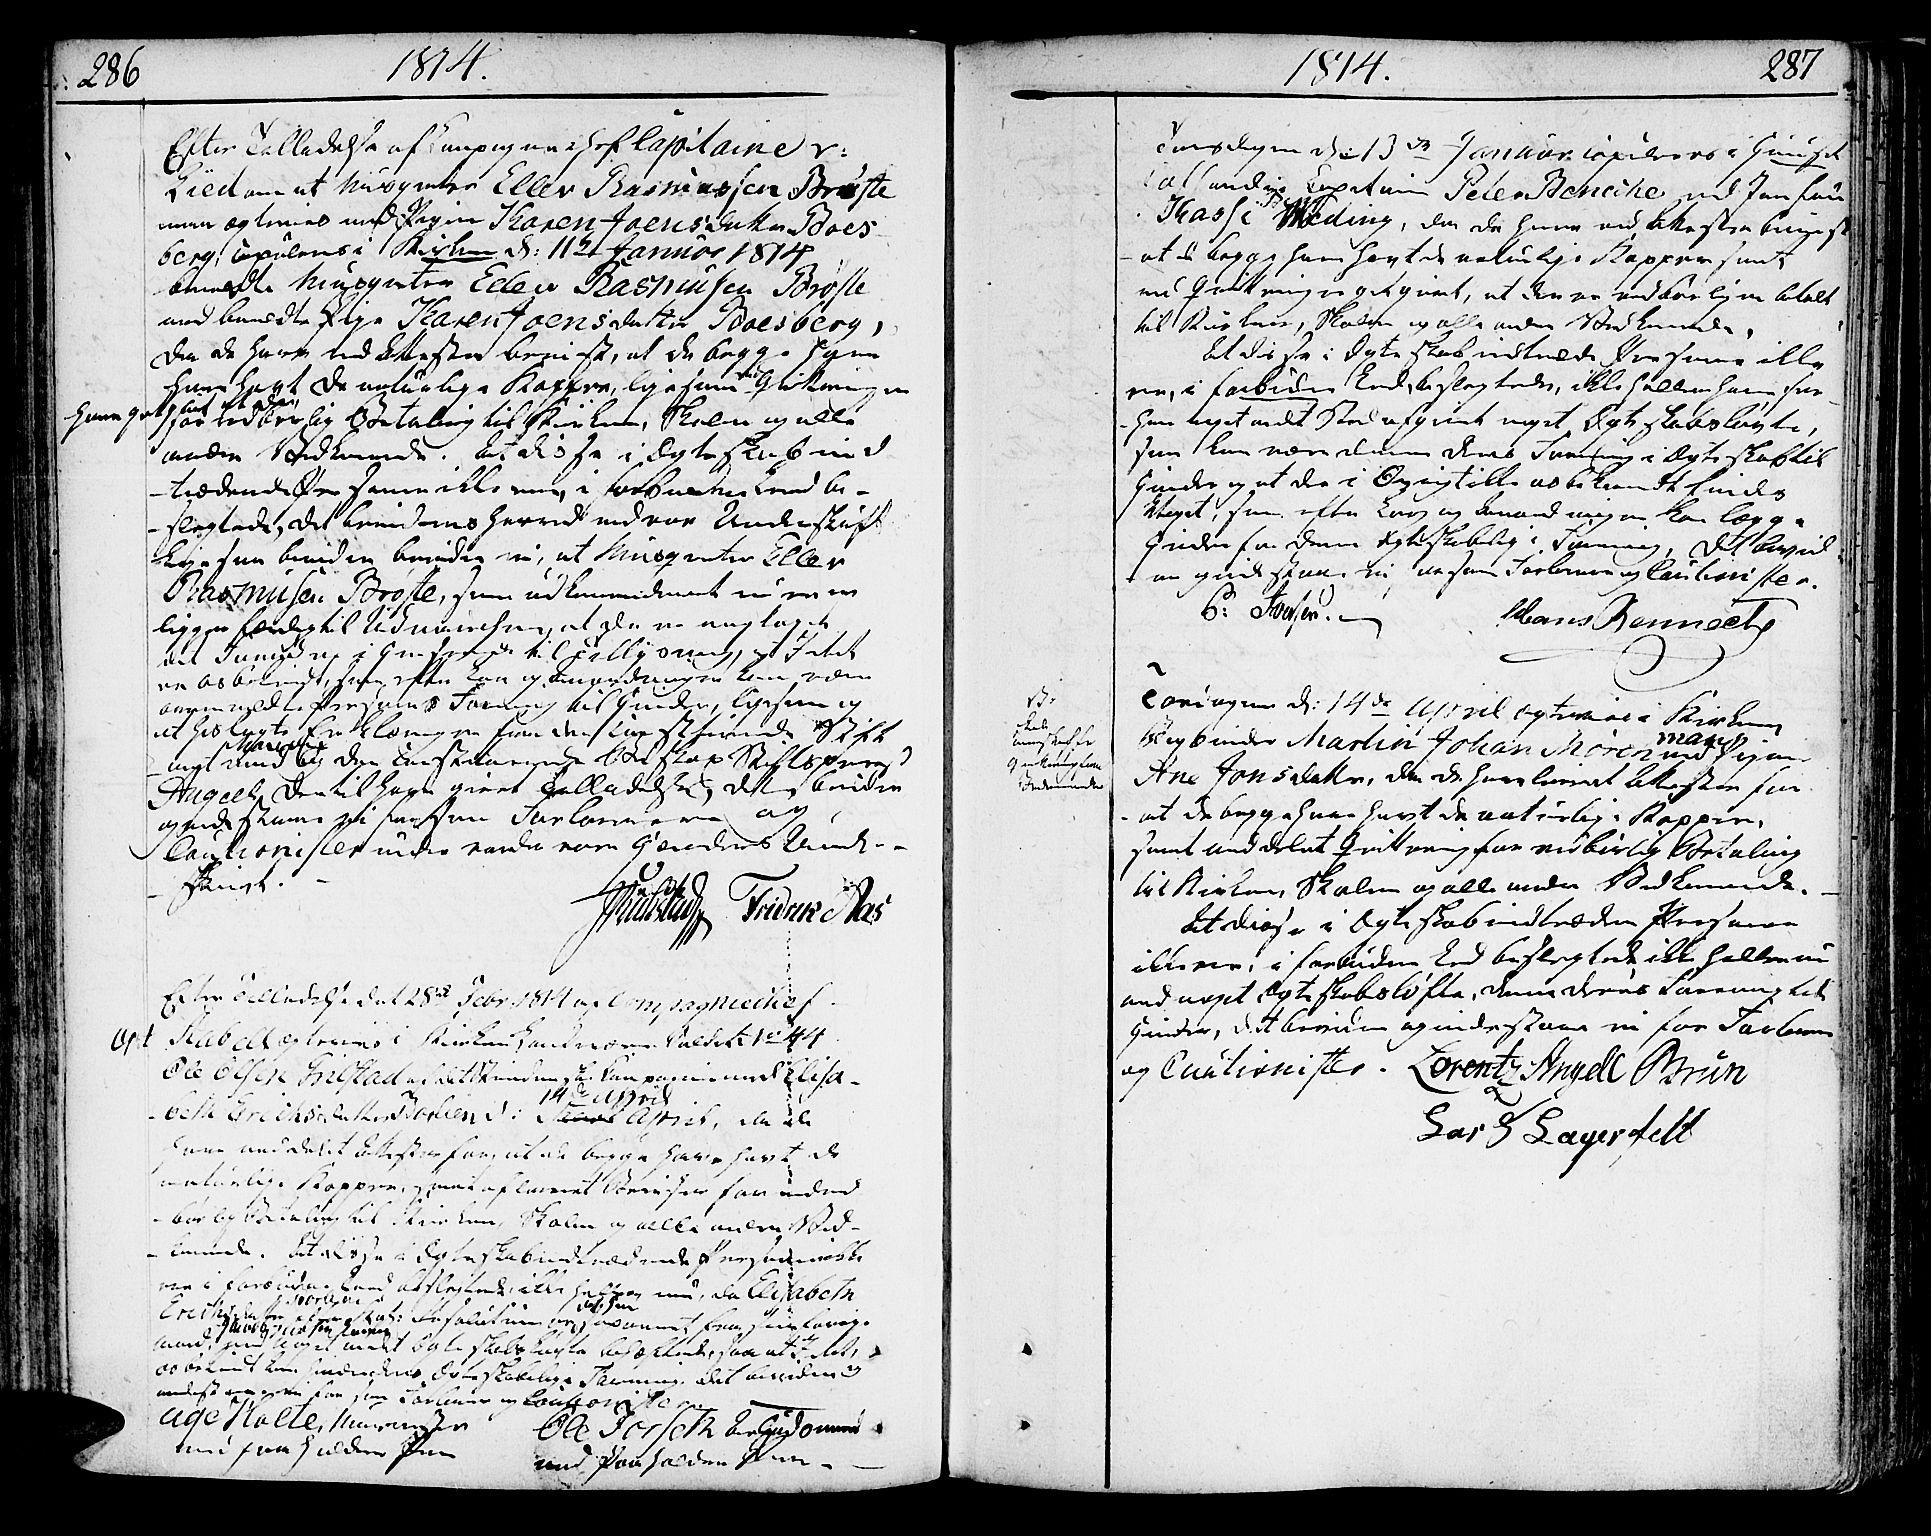 SAT, Ministerialprotokoller, klokkerbøker og fødselsregistre - Sør-Trøndelag, 602/L0105: Ministerialbok nr. 602A03, 1774-1814, s. 286-287